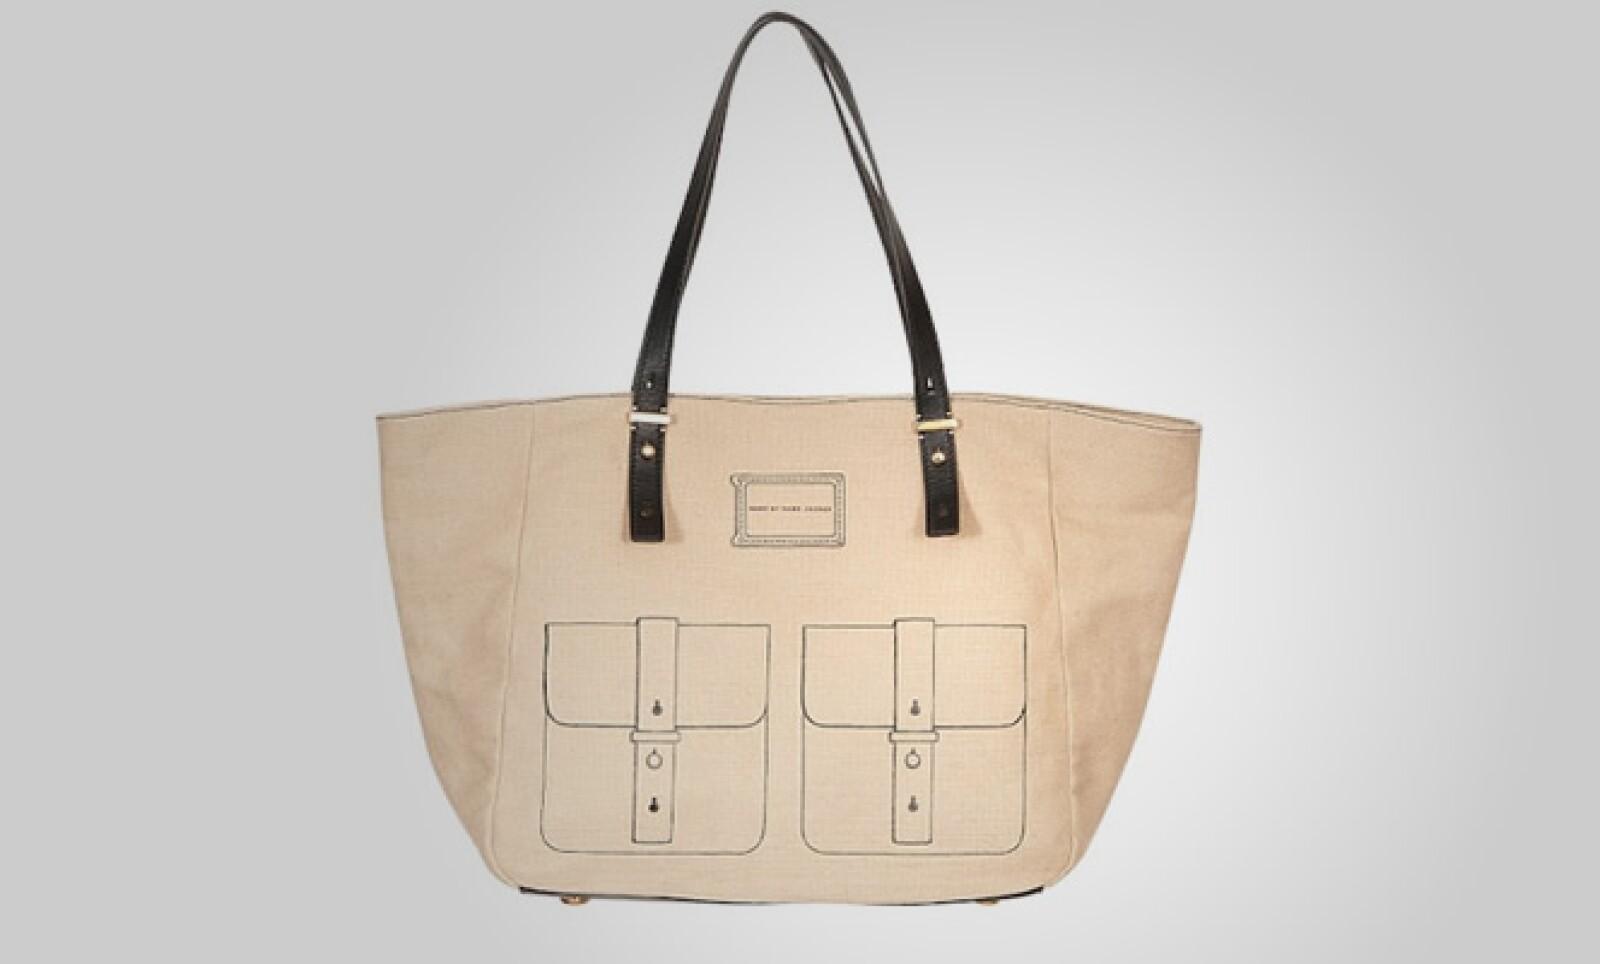 Estilo 'shopper', esta bolsa es ideal para caminar un día por la tarde en una plaza.